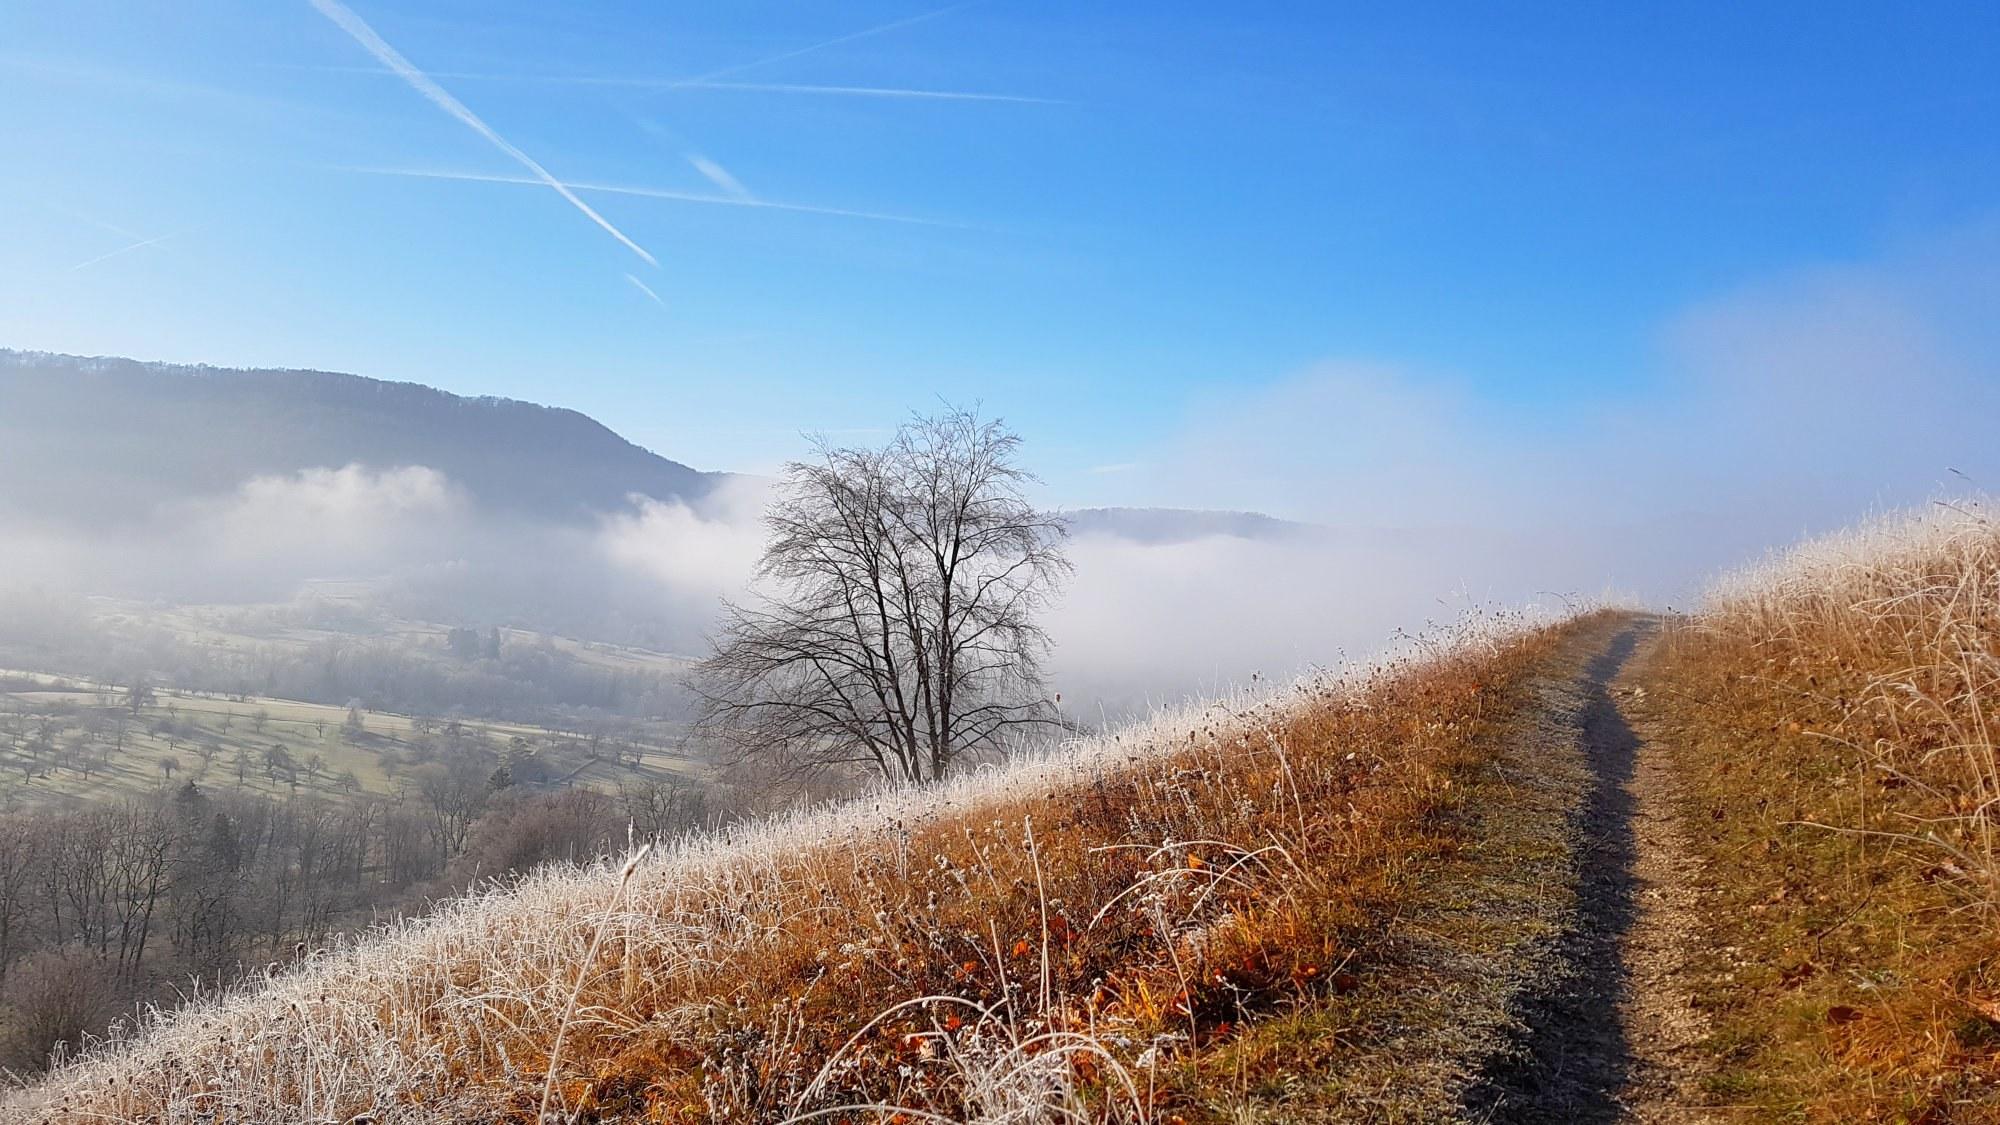 Wandern in Neuffen am Fuß der Schwäbischen Alb